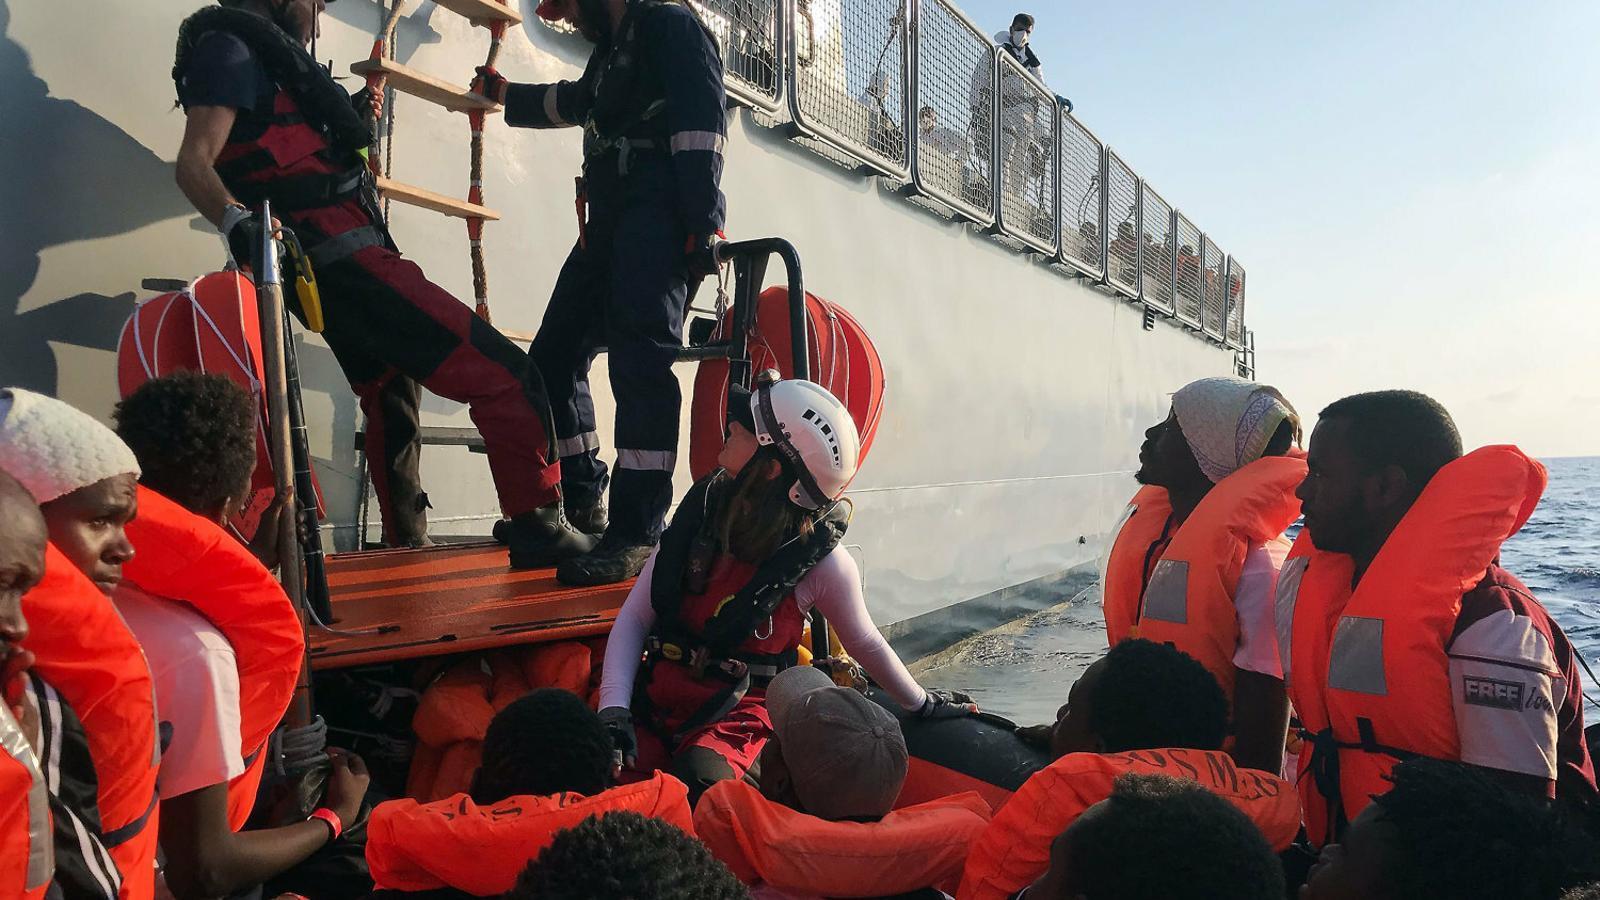 Salvini i la UE ja han bloquejat al mar tres mil immigrants